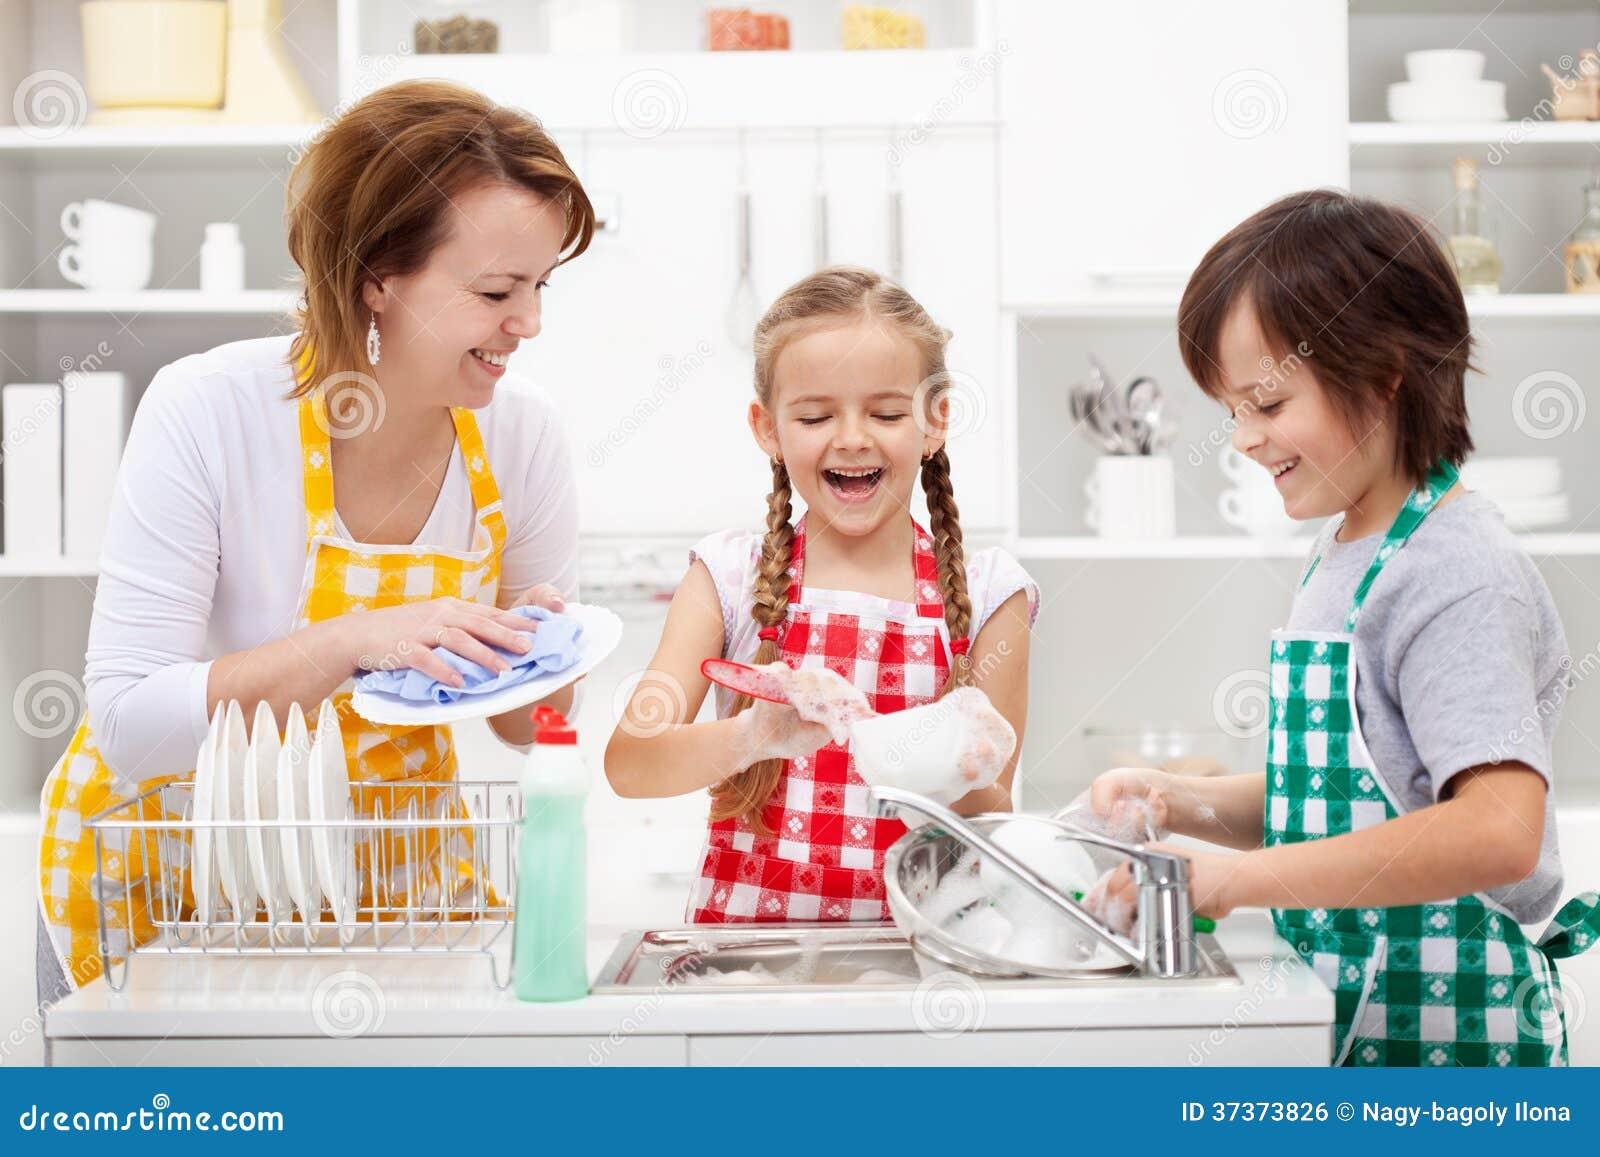 洗盘子的孩子和母亲